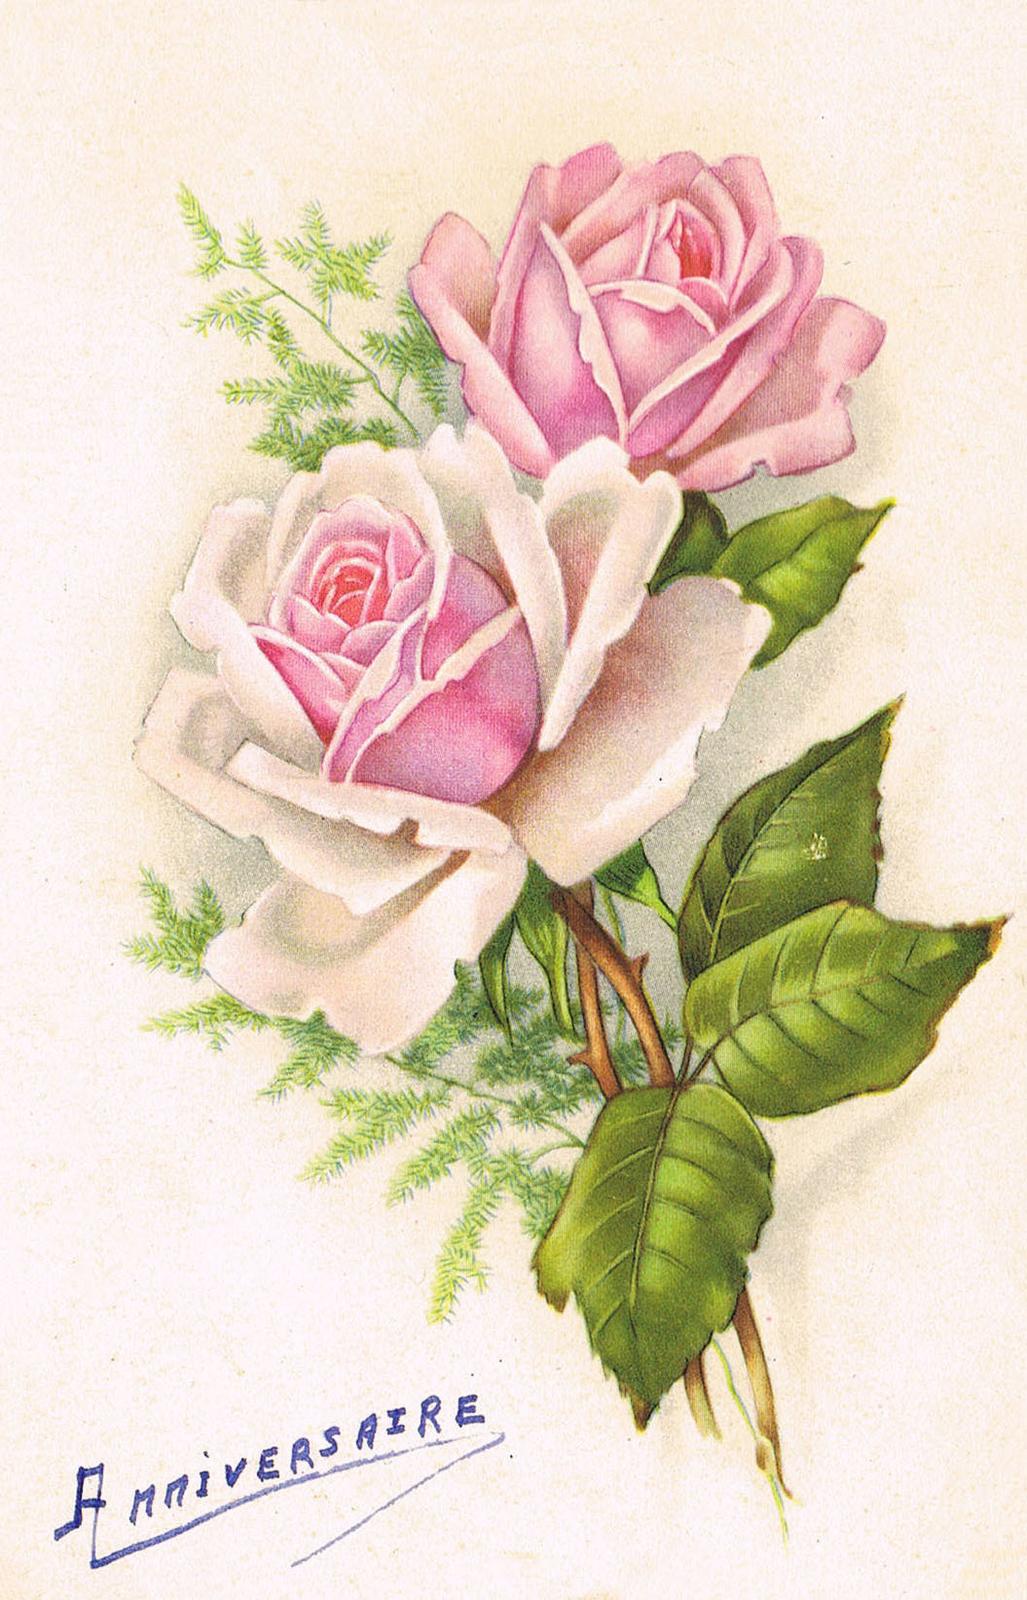 """Cpa """" Bon Anniversaire """" - fleurs - 2 roses - - Carte postale ancienne et vue d'Hier et Aujourd ..."""